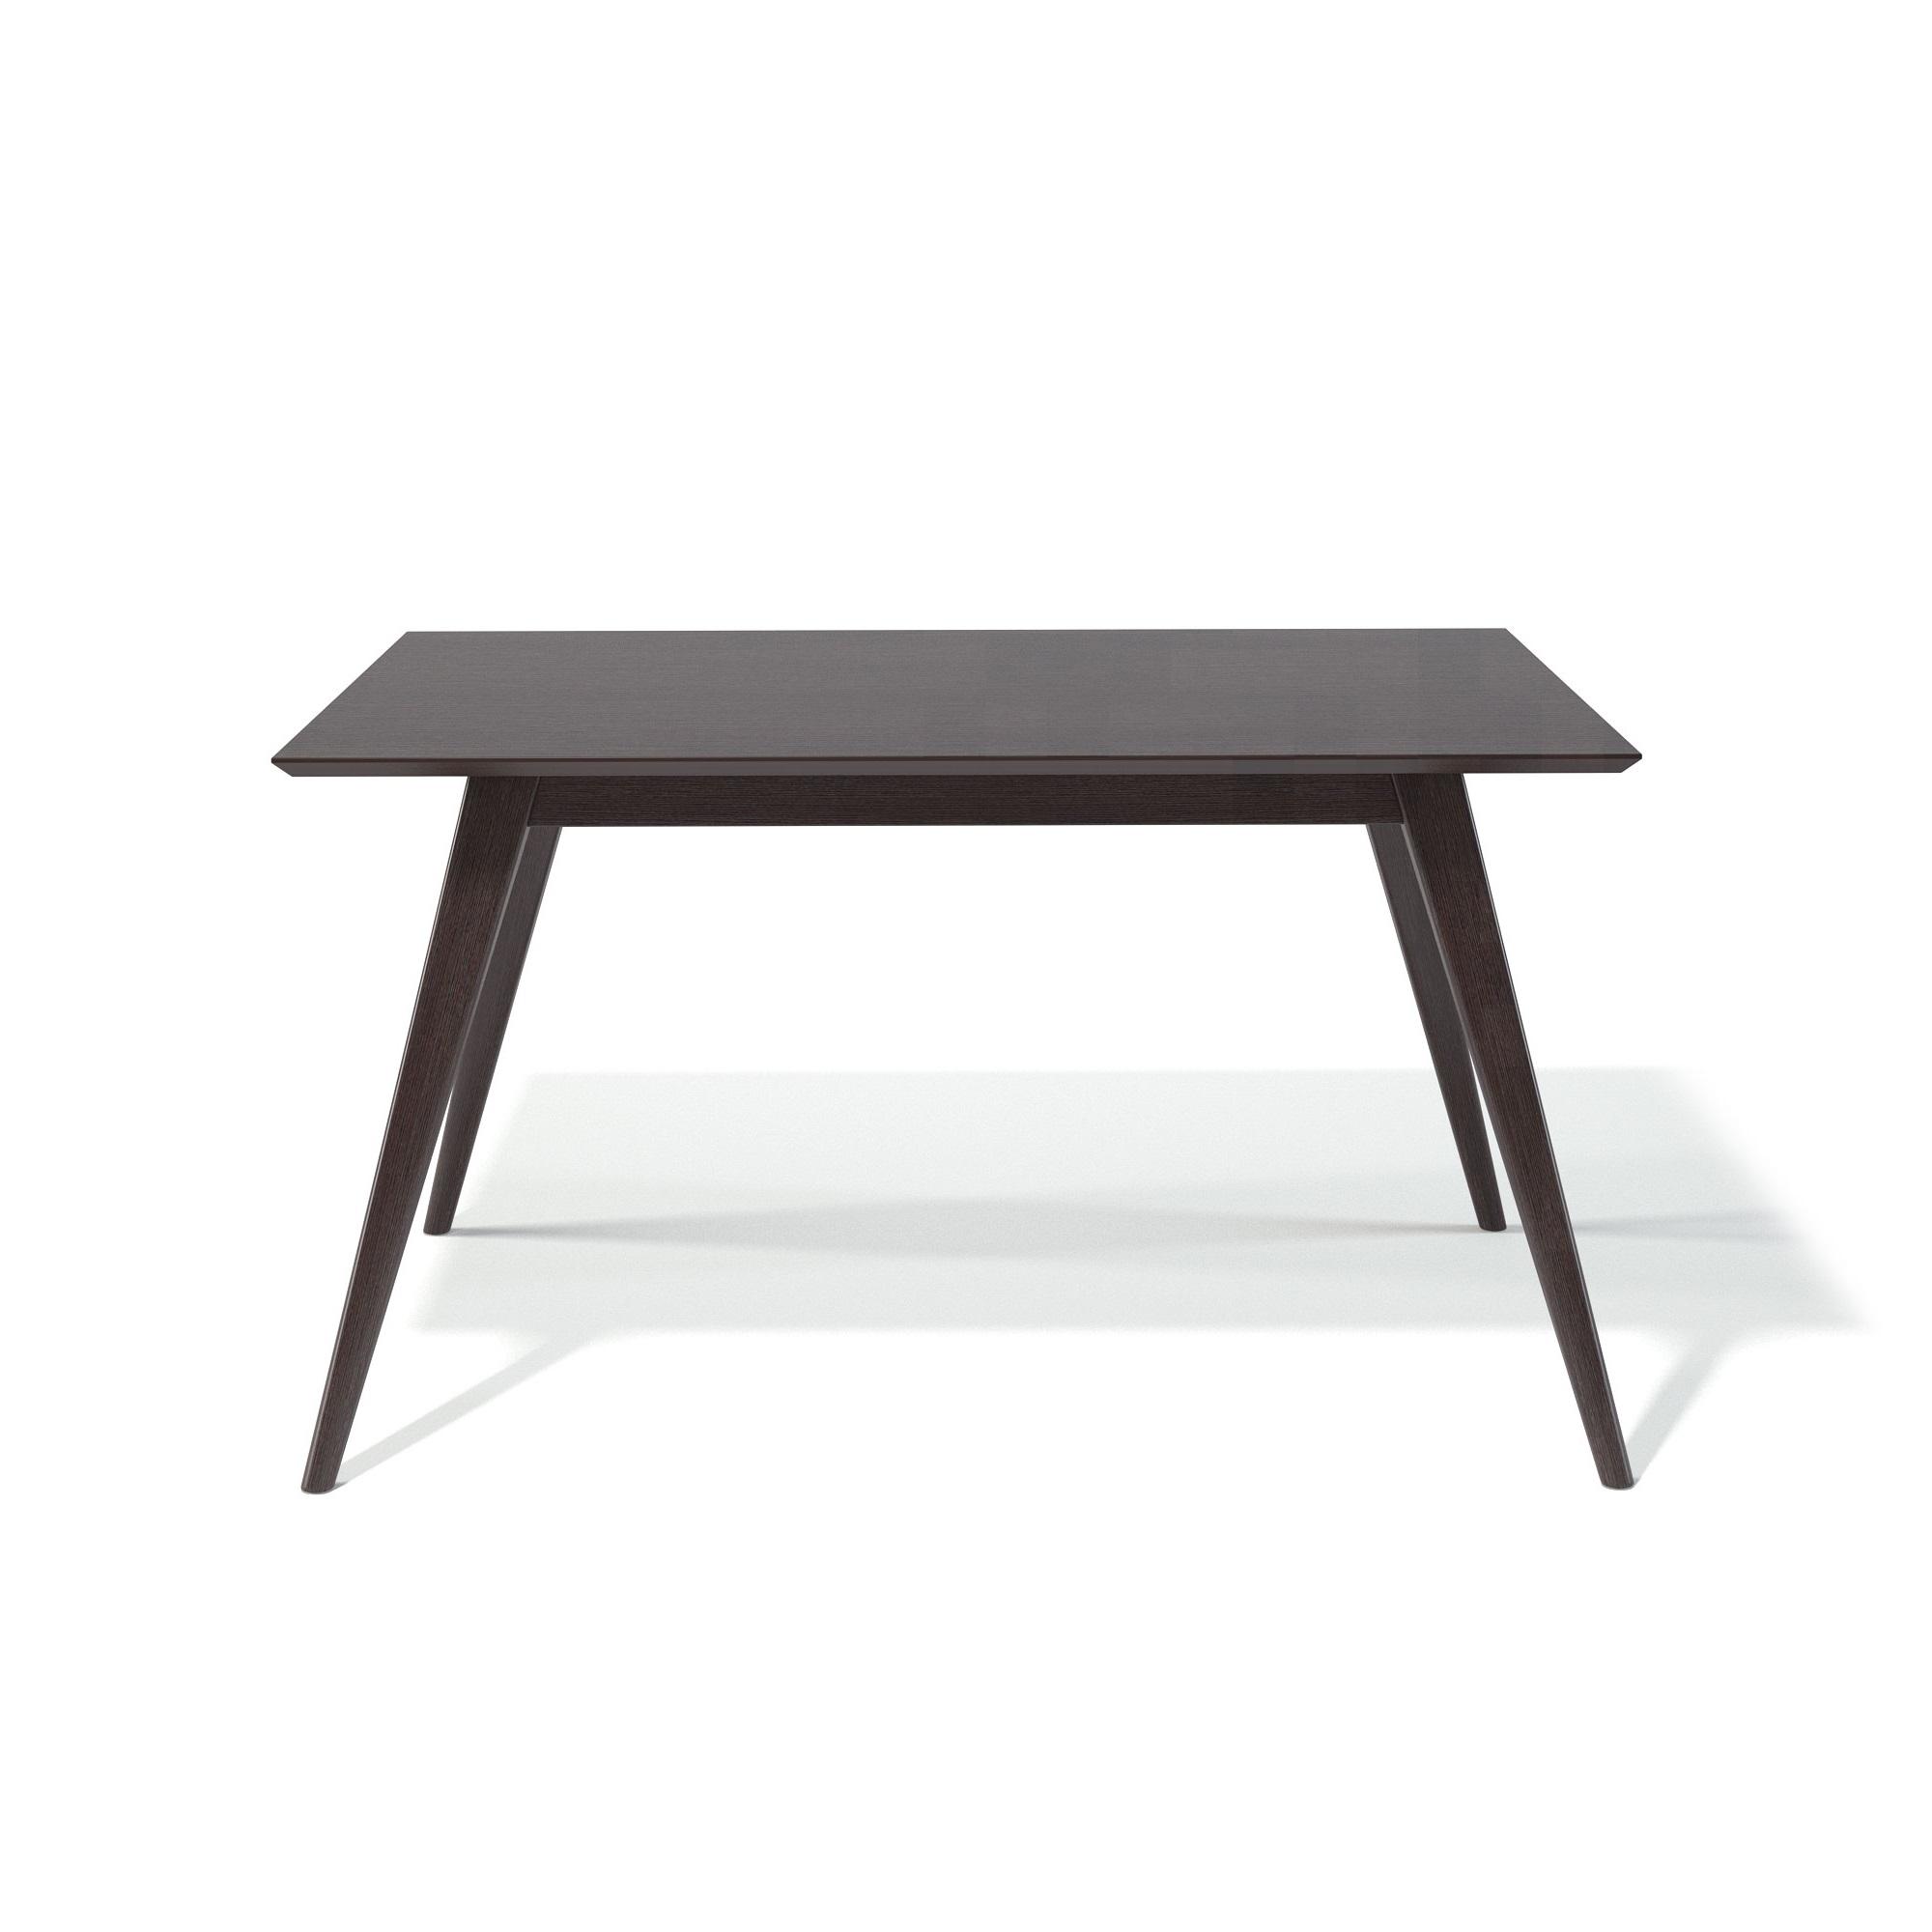 Стол обеденный KennerОбеденные столы<br>Столешница выполнена из МДФ + натуральный шпон дуба.&amp;amp;nbsp;&amp;lt;div&amp;gt;Основание выполнено массива бука.&amp;amp;nbsp;&amp;lt;/div&amp;gt;&amp;lt;div&amp;gt;Механизм раскладки синхронный, лёгкого скольжения&amp;amp;nbsp;&amp;lt;/div&amp;gt;&amp;lt;div&amp;gt;В разложенном виде: 180х90 см.&amp;amp;nbsp;&amp;lt;/div&amp;gt;&amp;lt;div&amp;gt;Вставка &amp;quot;бабочка&amp;quot; шириной 40 см также с натуральным шпоном дуба.&amp;amp;nbsp;&amp;lt;/div&amp;gt;&amp;lt;div&amp;gt;За таким столом могут свободно разместиться от 6 до 10 человек.&amp;lt;/div&amp;gt;<br><br>Material: Дерево<br>Ширина см: 140<br>Высота см: 76<br>Глубина см: 90